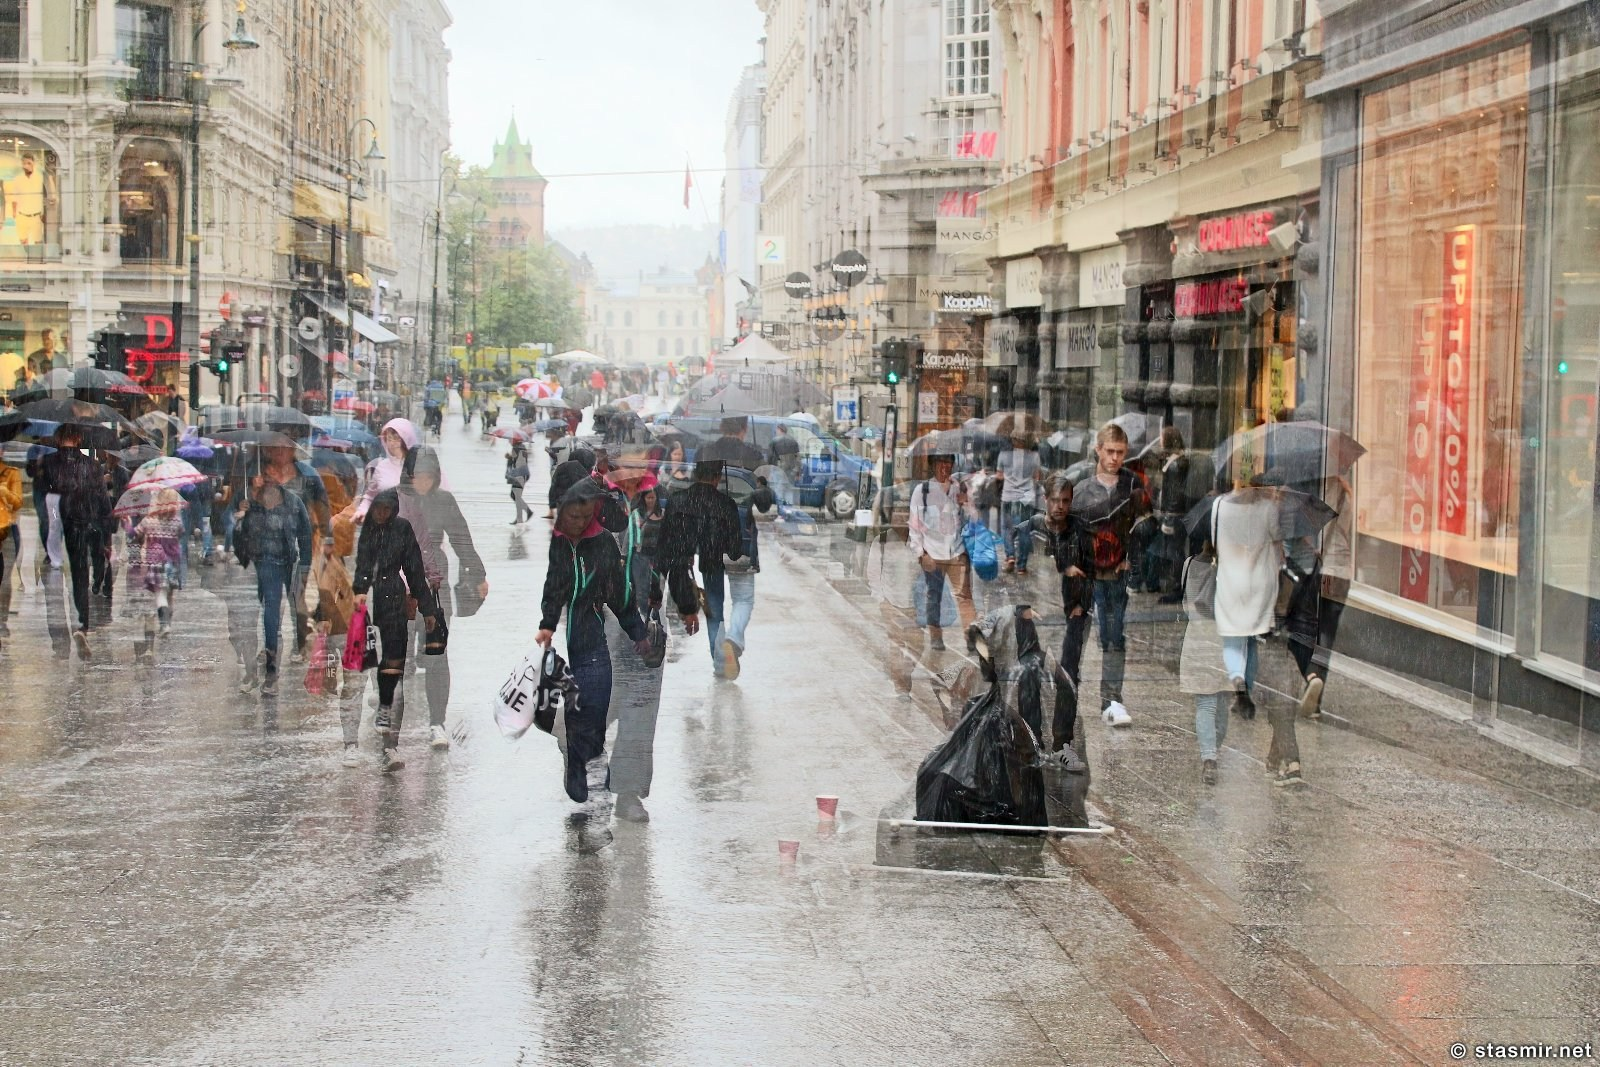 Всех смыло с улиц Осло, дождь в Осло, фото Стасмир, photo Stasmir